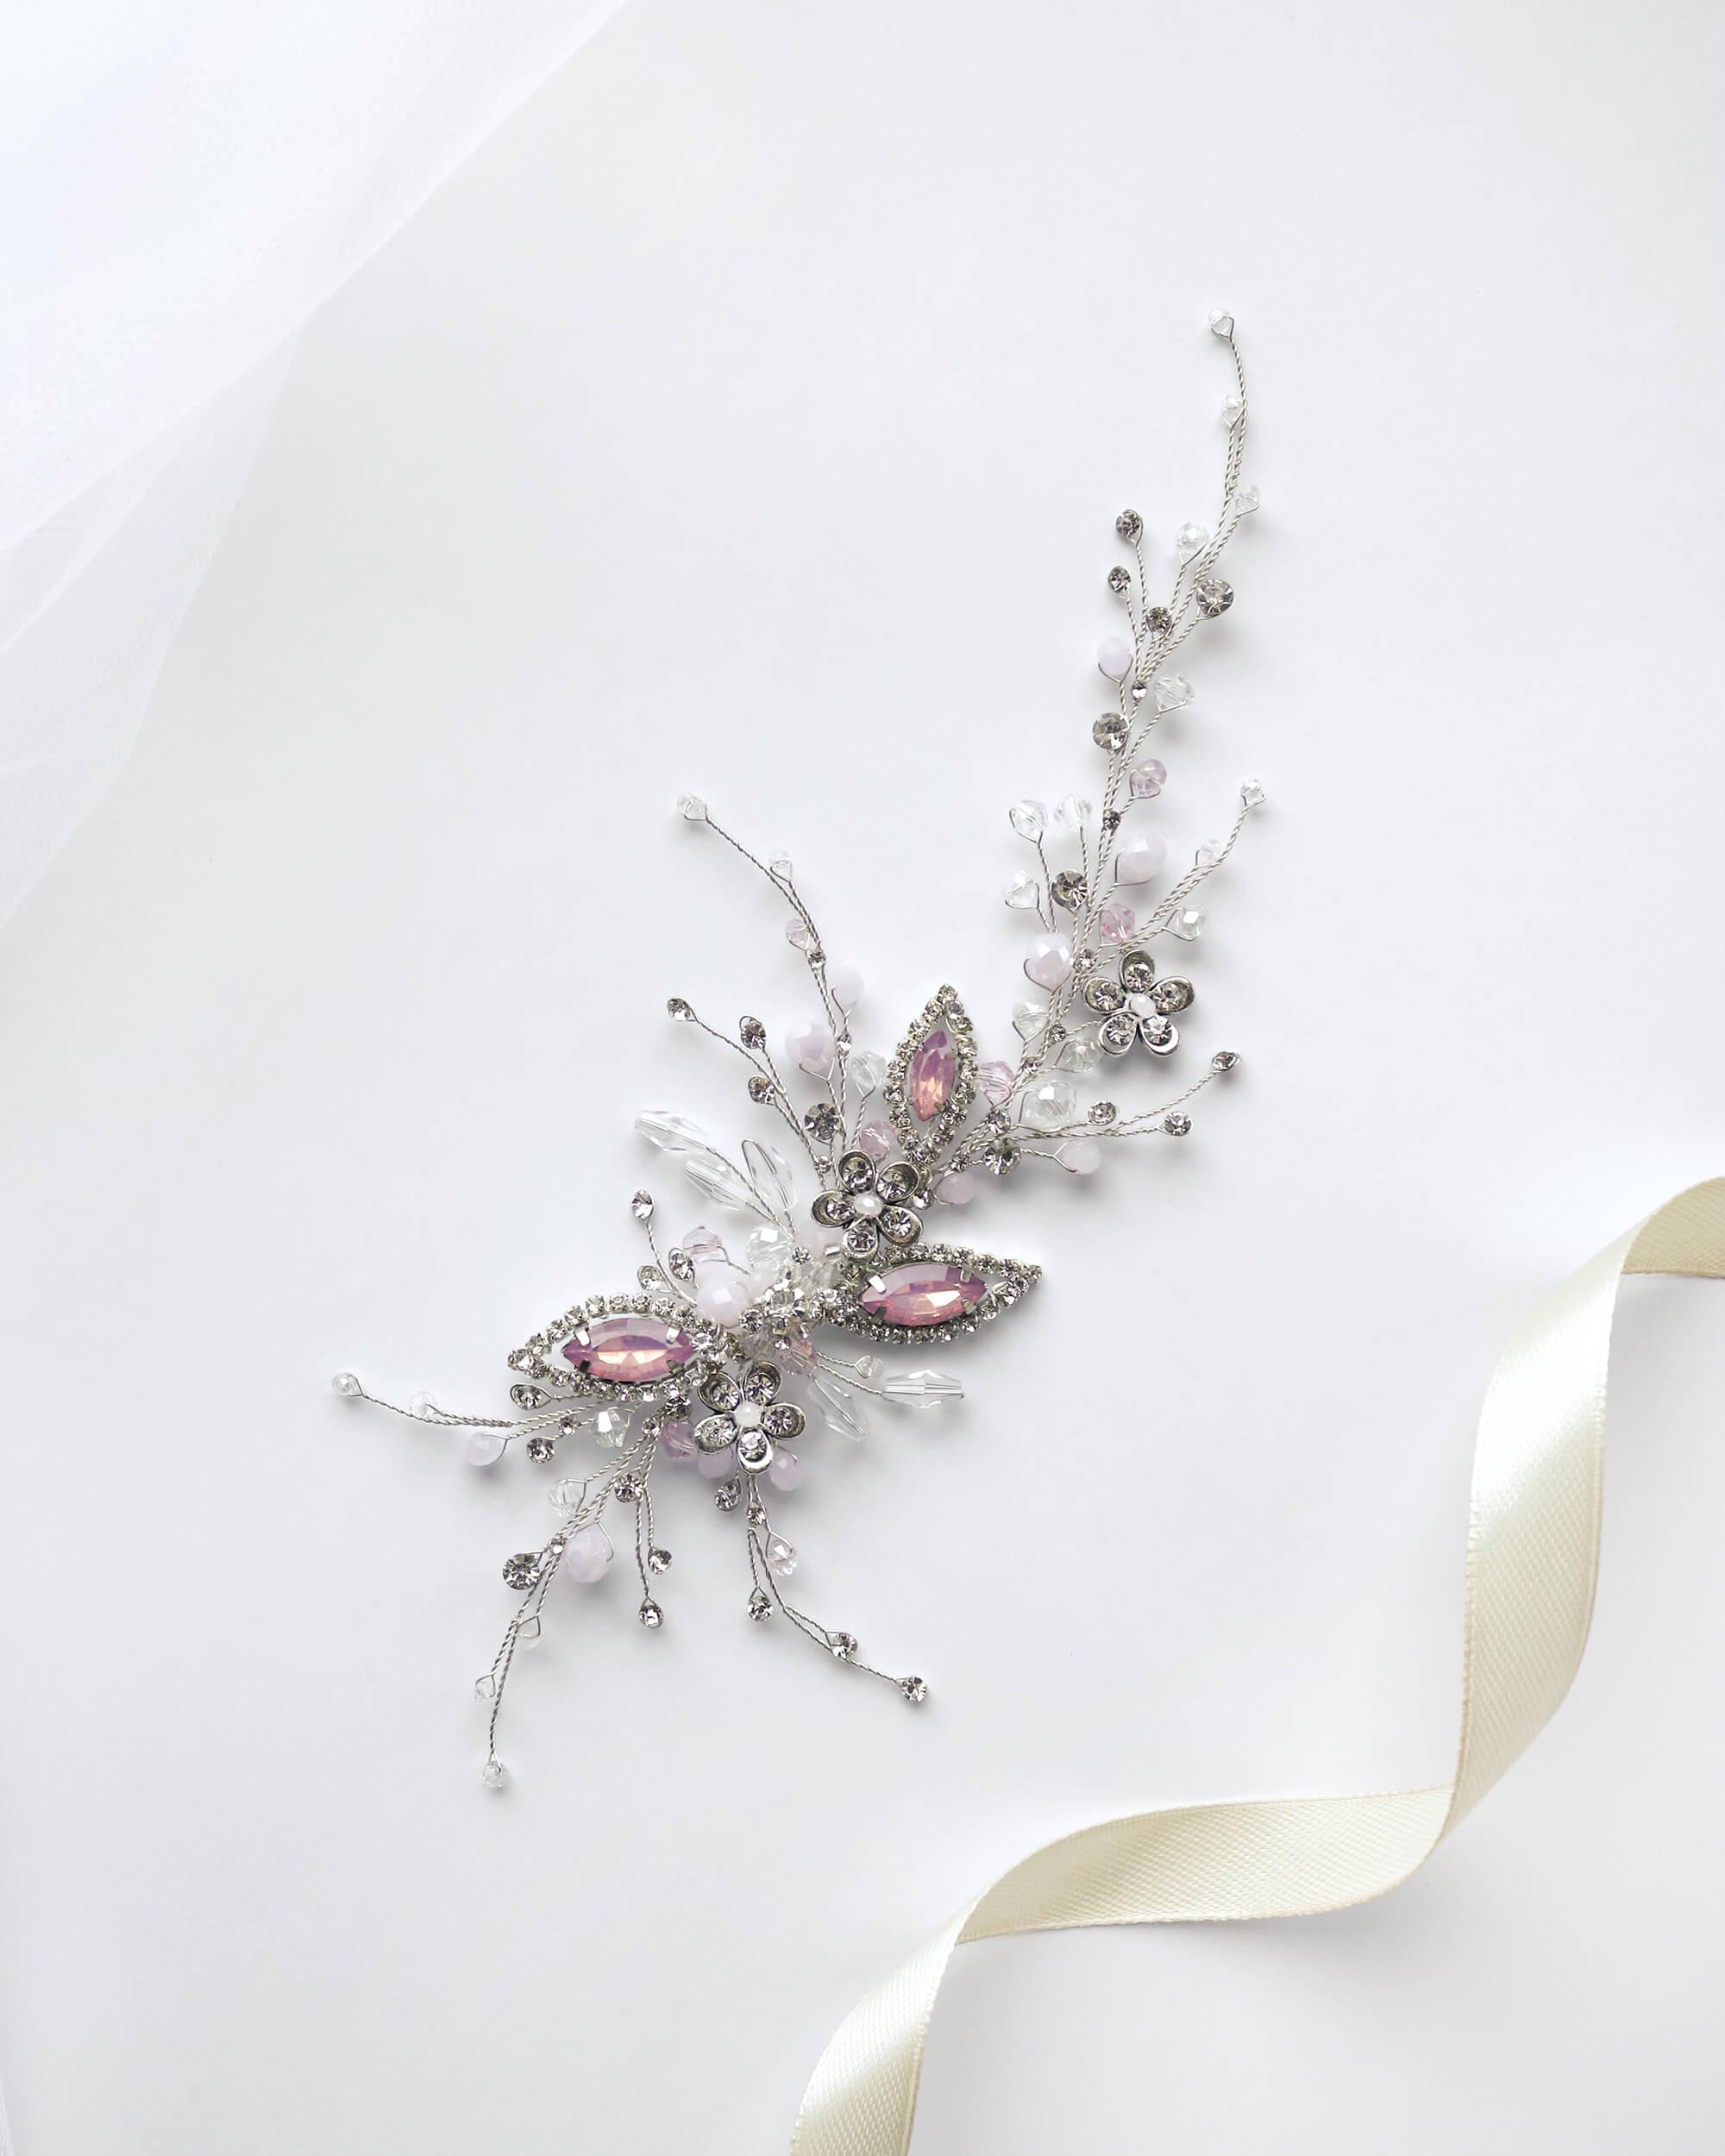 украшение в прическу на свадьбу(2) | Vero